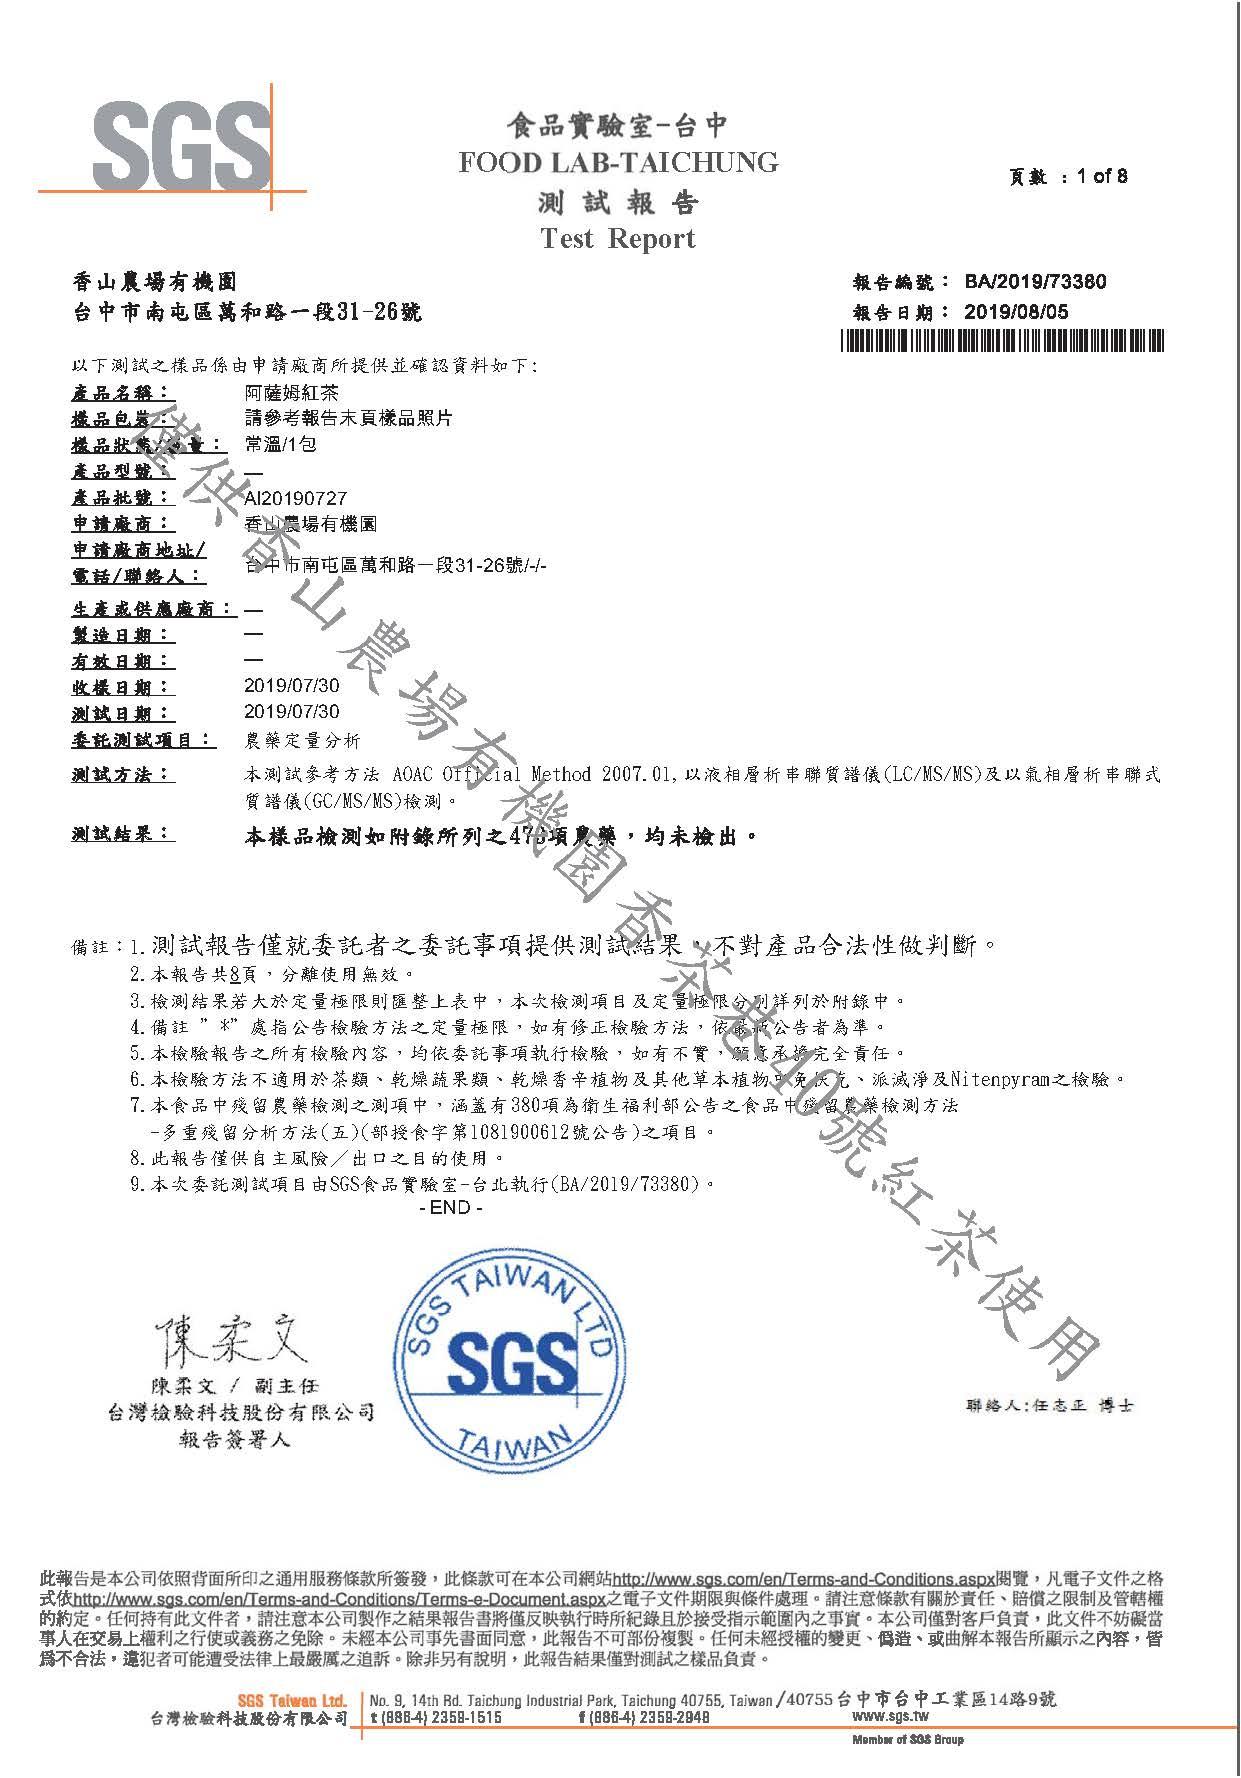 最新SGS高標檢驗,通過473項農藥無殘留檢驗。